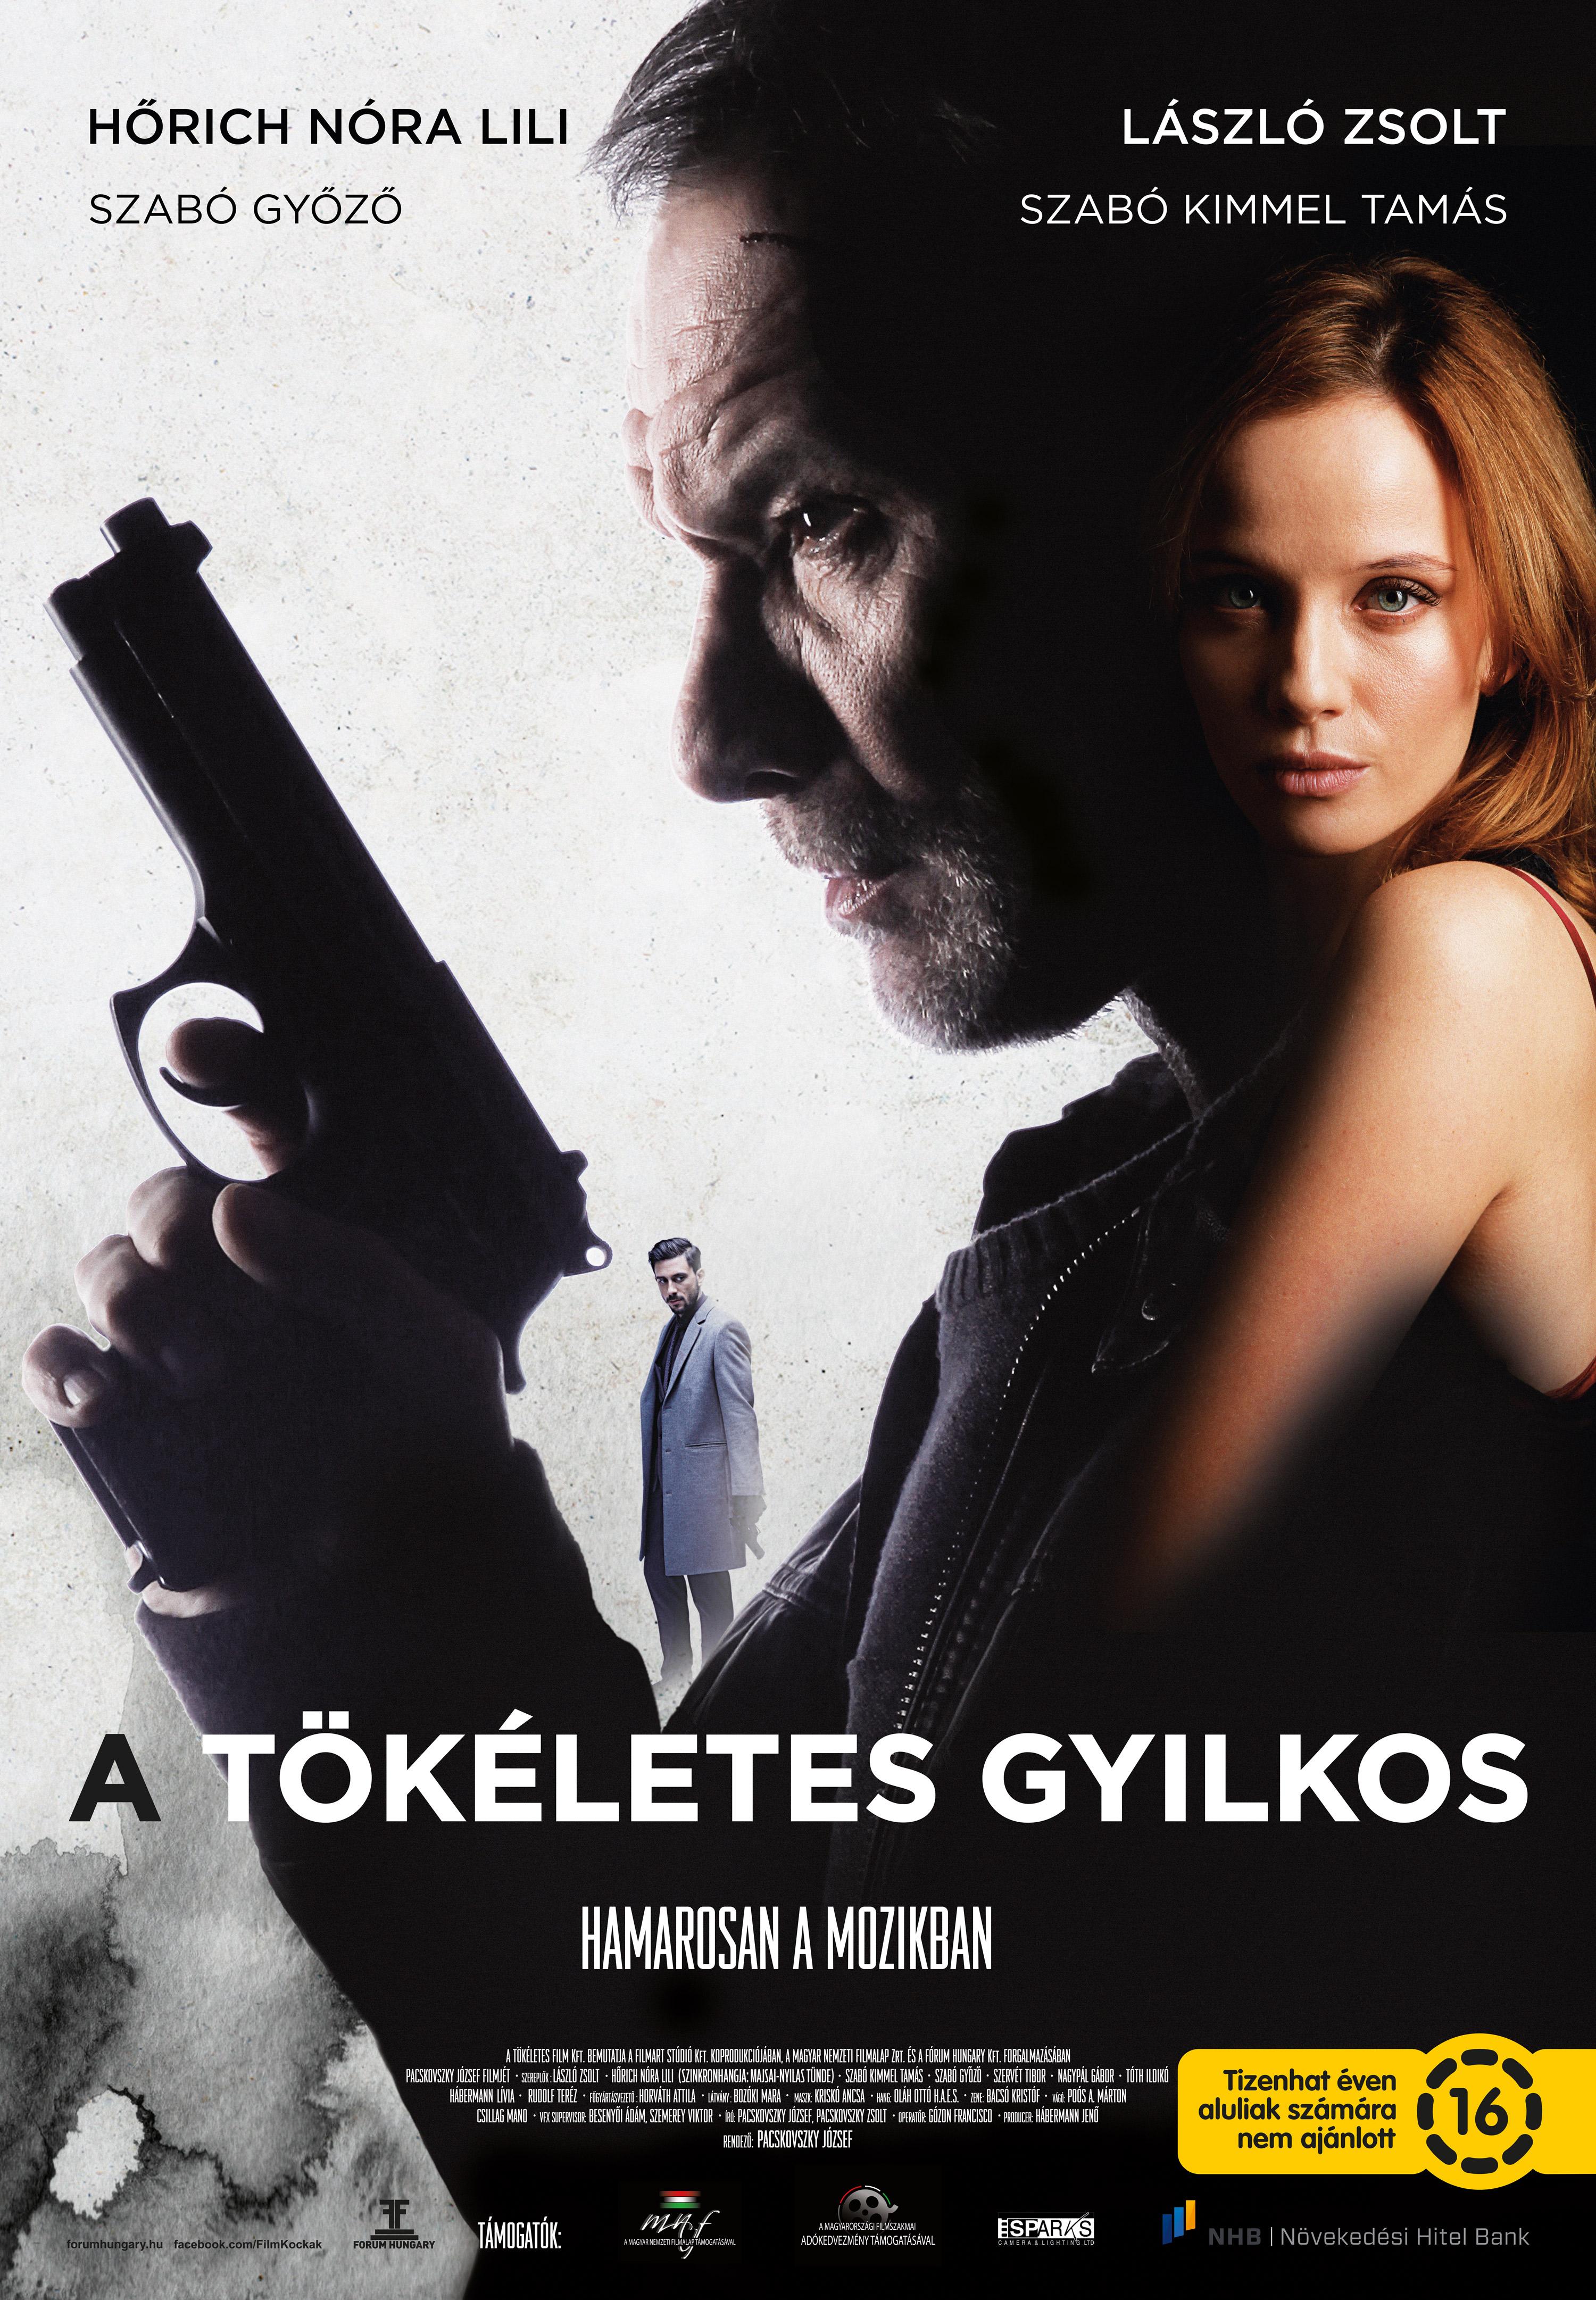 A.Tokeletes.Gyilkos.2017.RETAiL.DVDRip.x264.HuN-No1